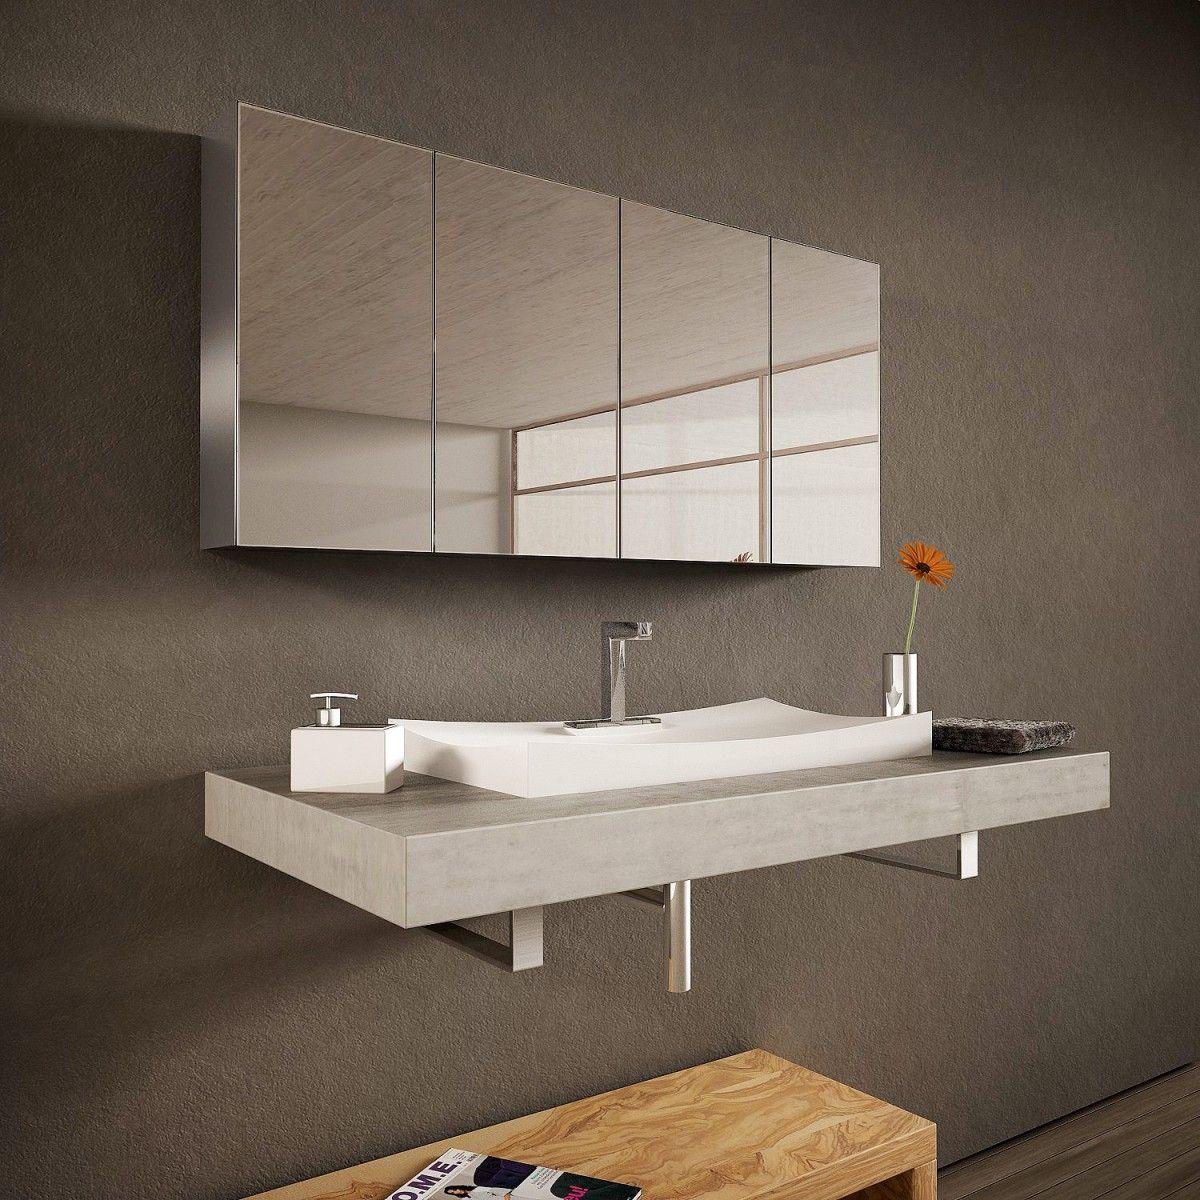 Spiegelschrank aus Aluminium   Tulixo   Spiegelschrank ...